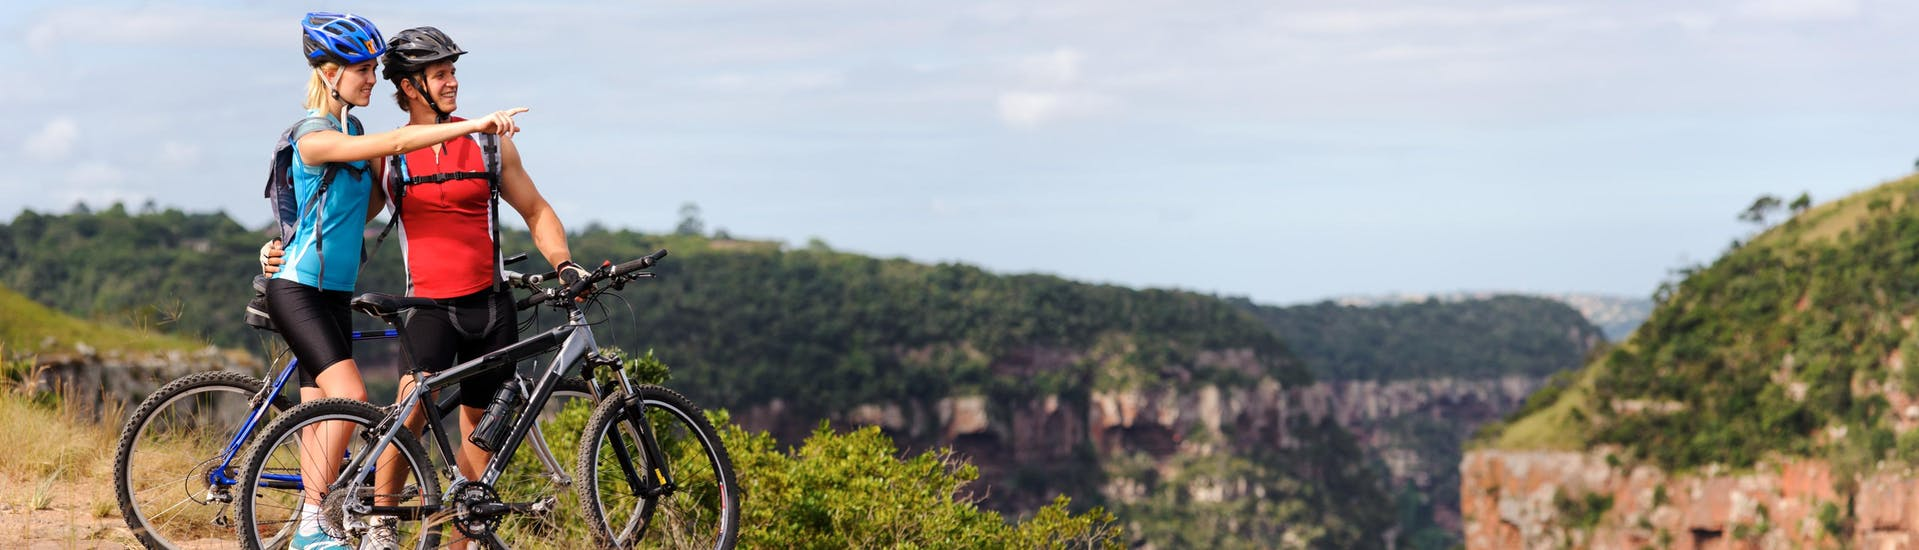 A couple on a mountain bike tour through the Dalmatian countryside is taking a break to enjoy the view.